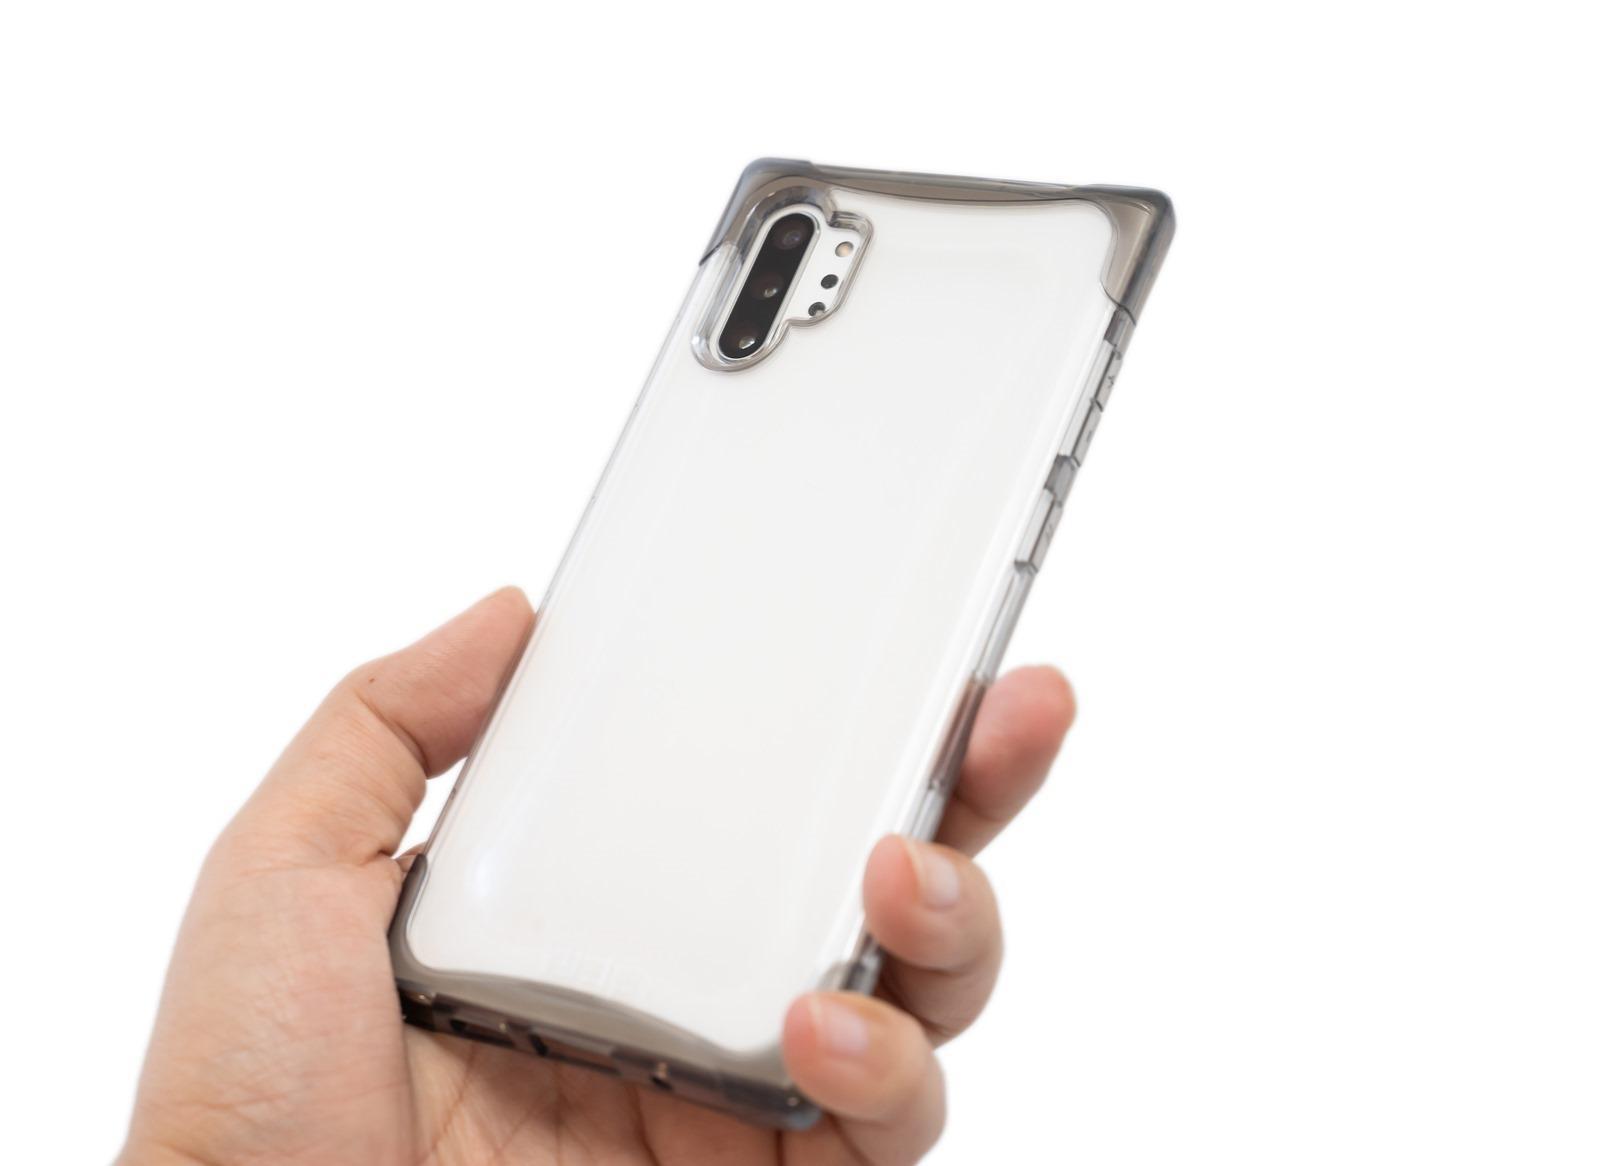 幫 Galaxy Note 10/10+ 找保護殼?UAG 耐衝擊全透保護殼 / 頂級版耐衝擊保護殼 入手開箱分享 @3C 達人廖阿輝